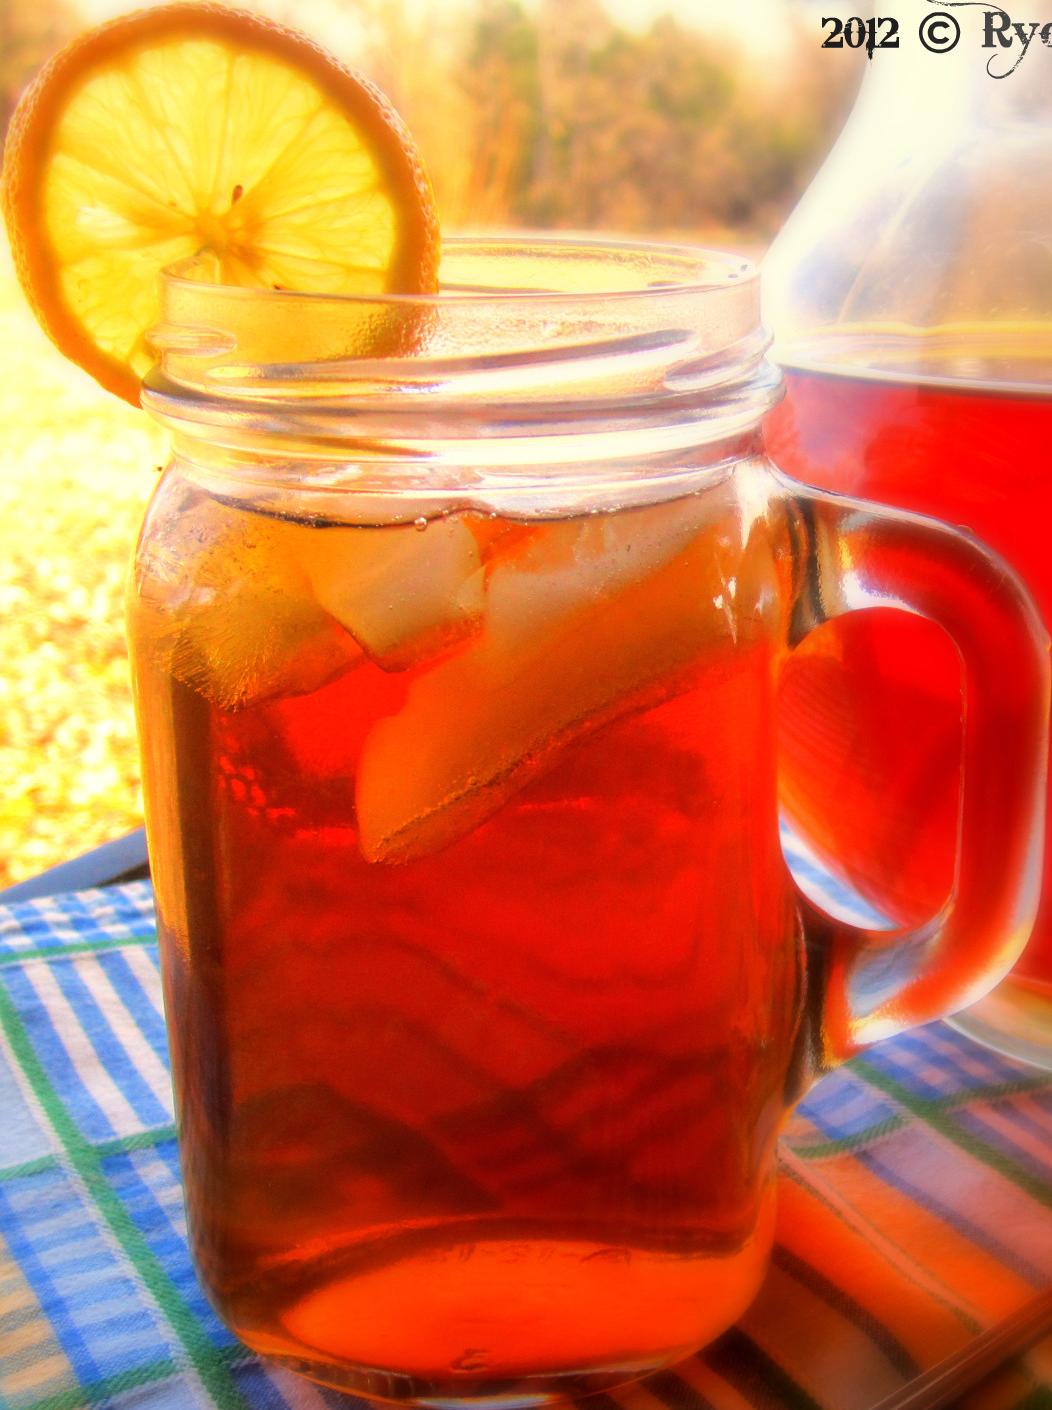 1052x1410 Iced Tea Clipart Mason Jar 2